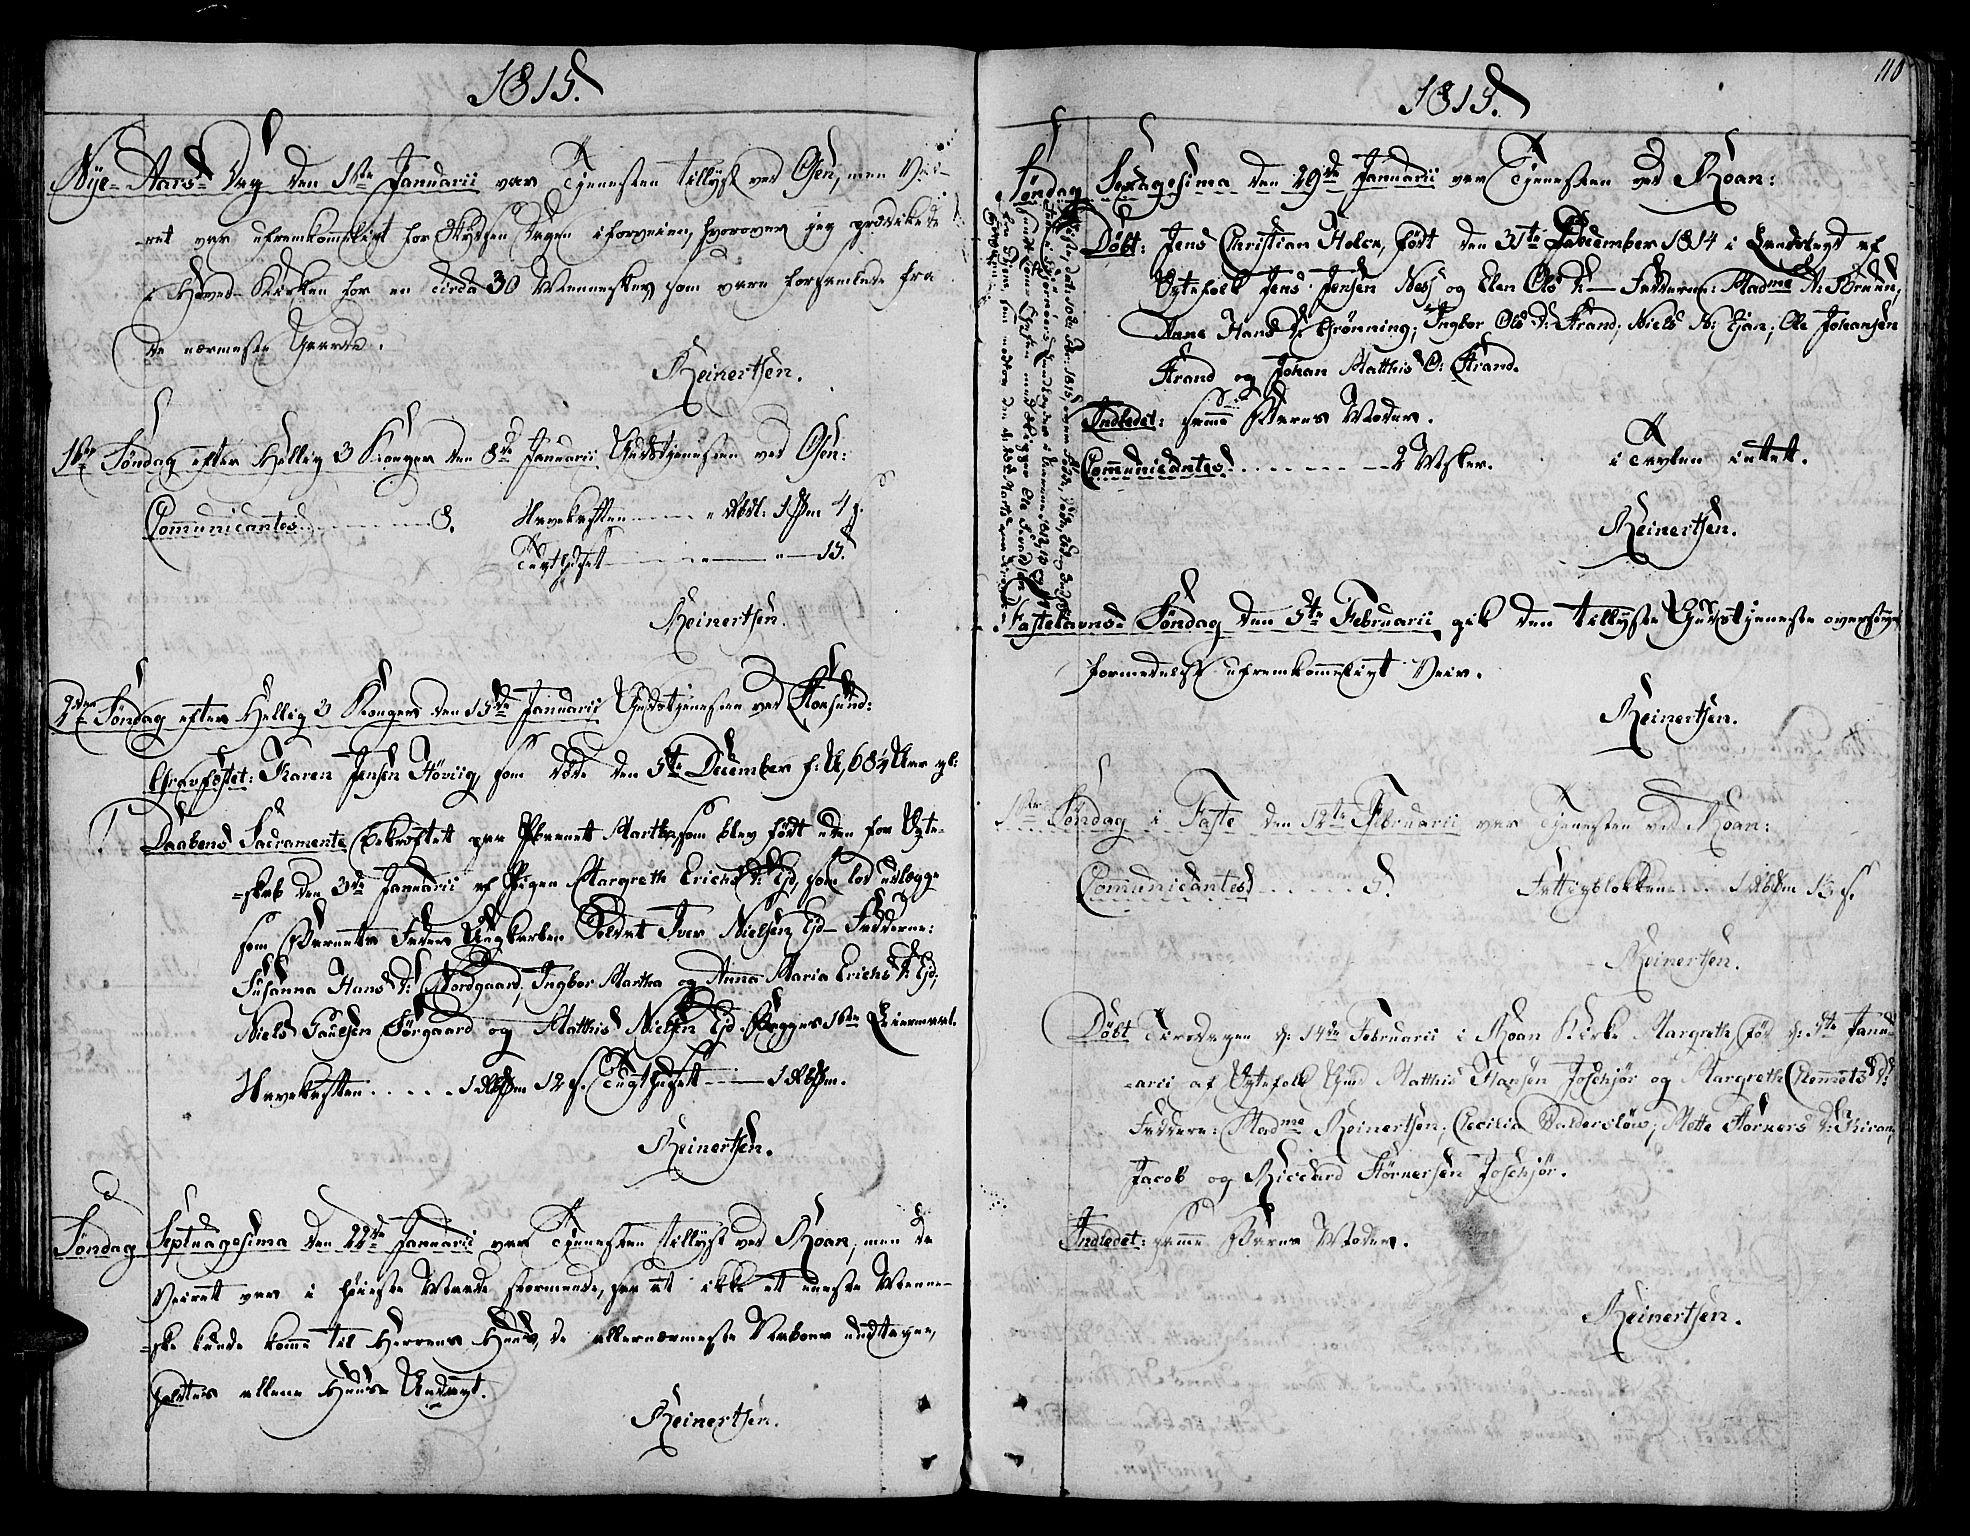 SAT, Ministerialprotokoller, klokkerbøker og fødselsregistre - Sør-Trøndelag, 657/L0701: Ministerialbok nr. 657A02, 1802-1831, s. 110